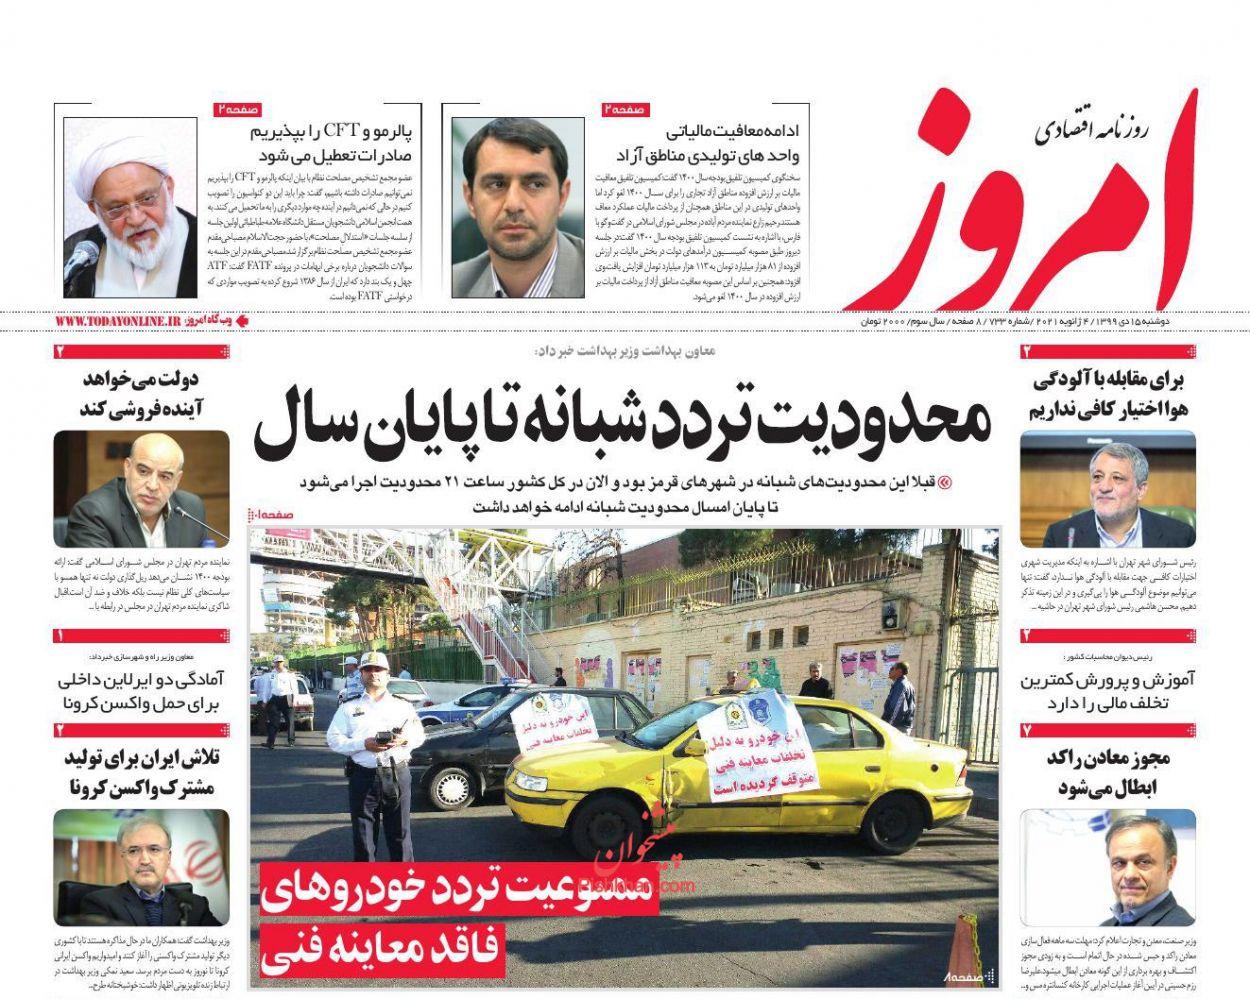 عناوین اخبار روزنامه امروز در روز دوشنبه ۱۵ دی